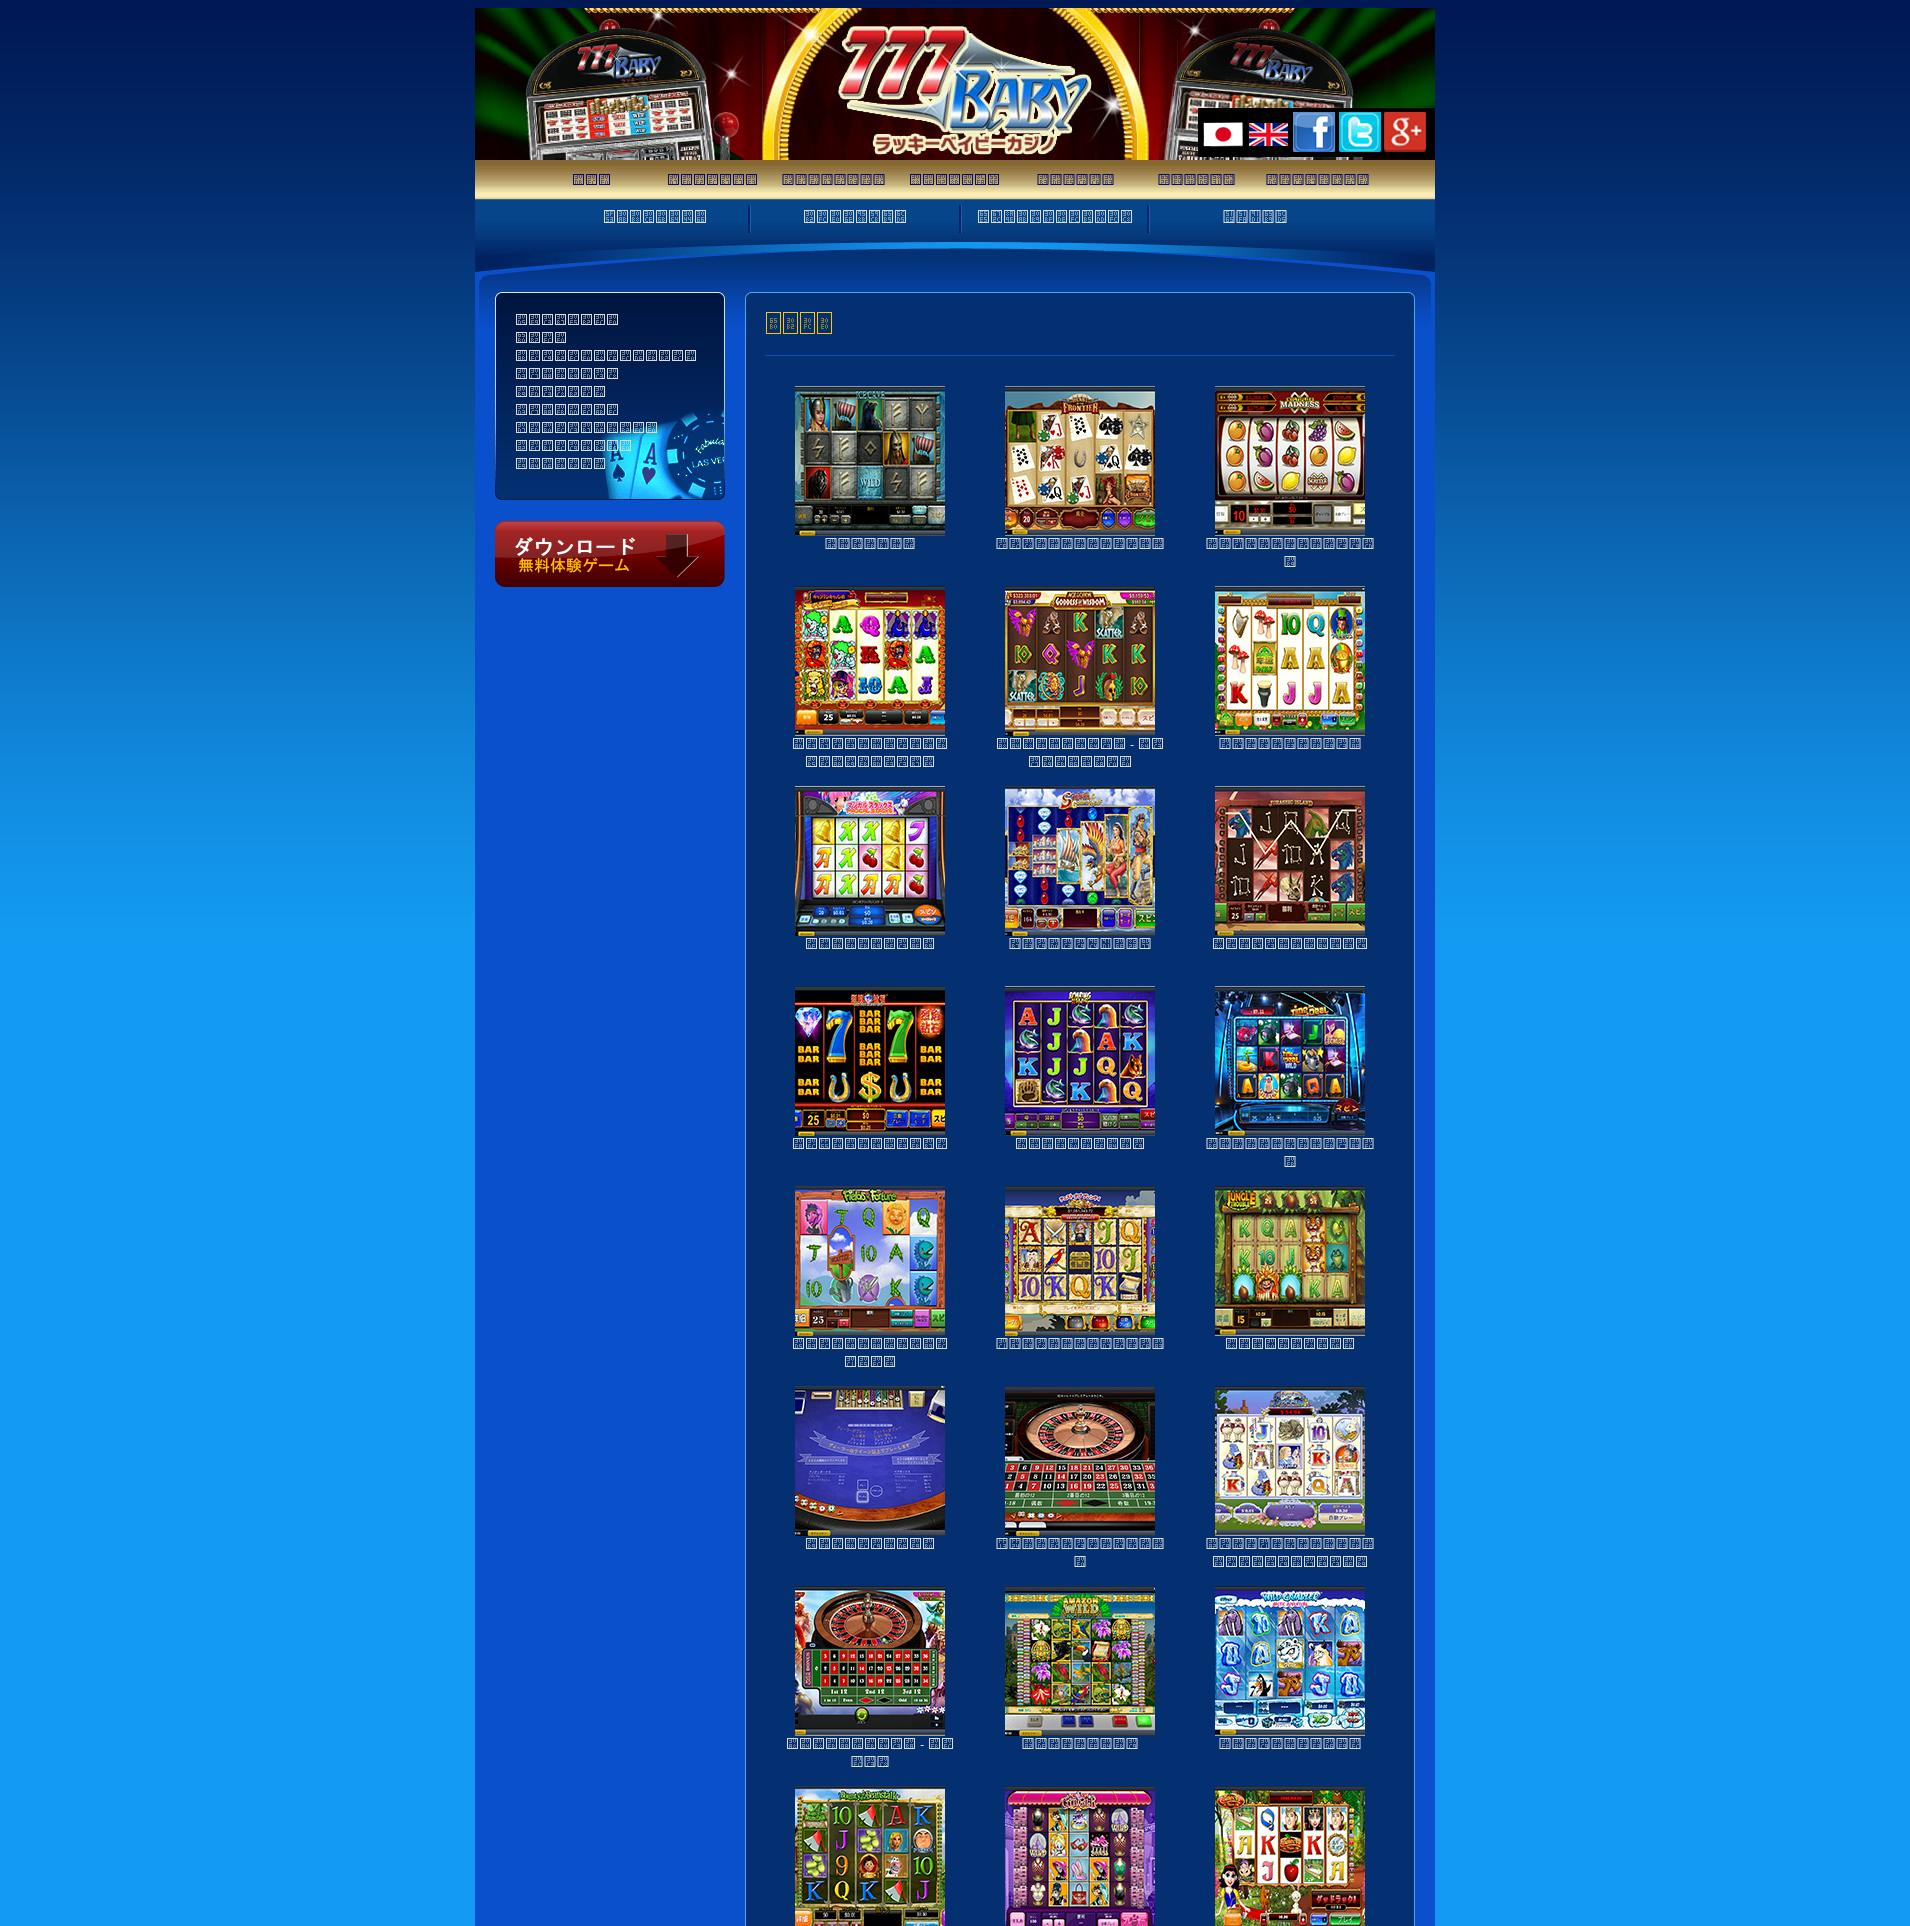 カジノのスクリーン Lobby 2020-01-18 ために 日本